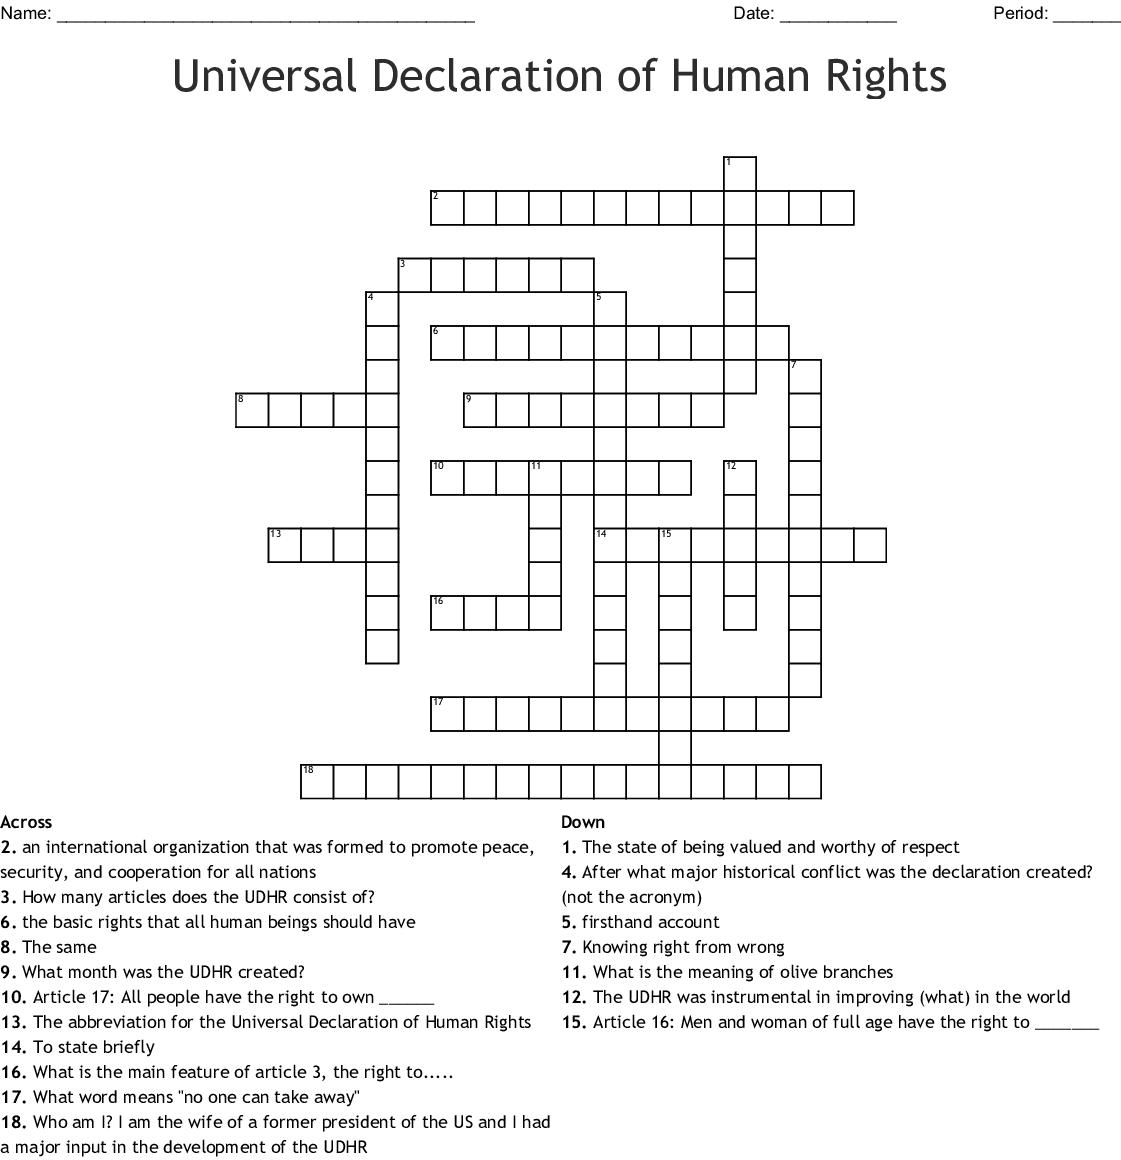 Universal Declaration Of Human Rights Crossword Wordmint